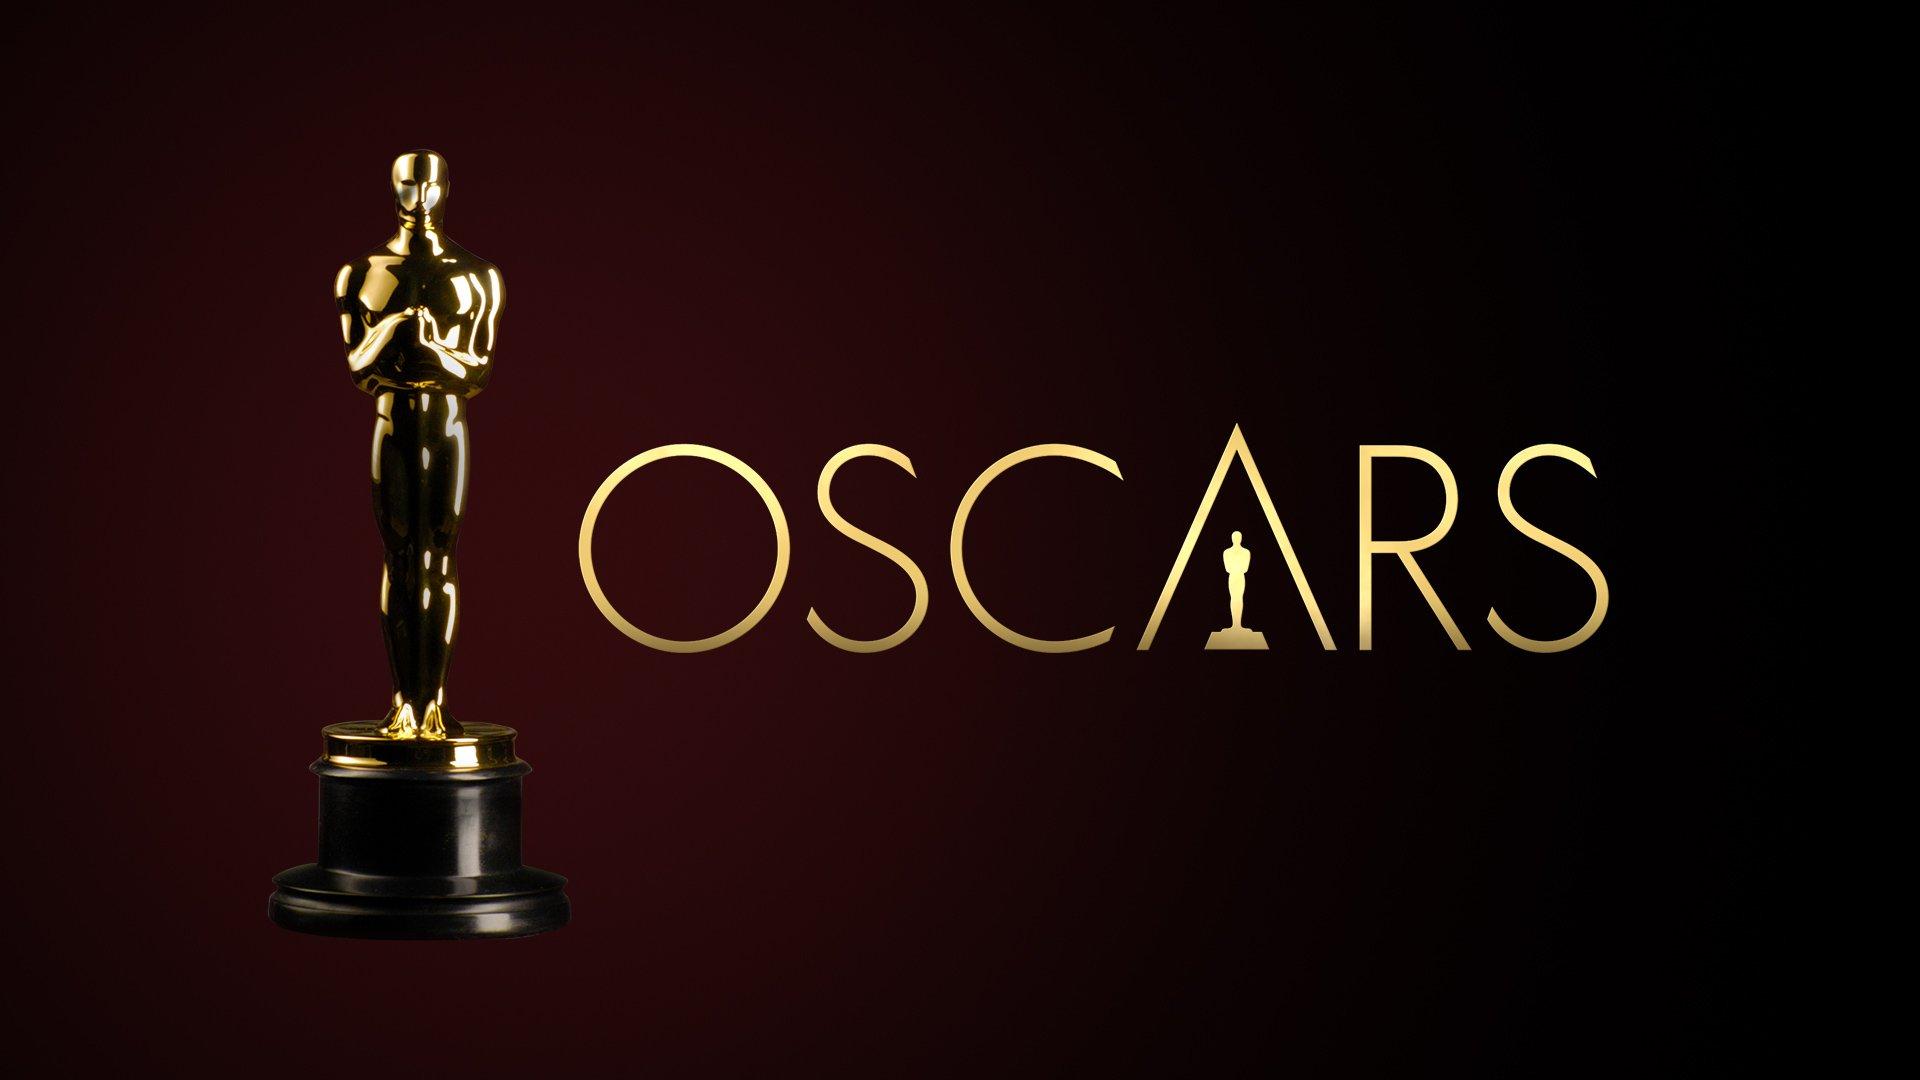 Αυτές είναι οι υποψηφιότητες για τα βραβεία Oscar 2021